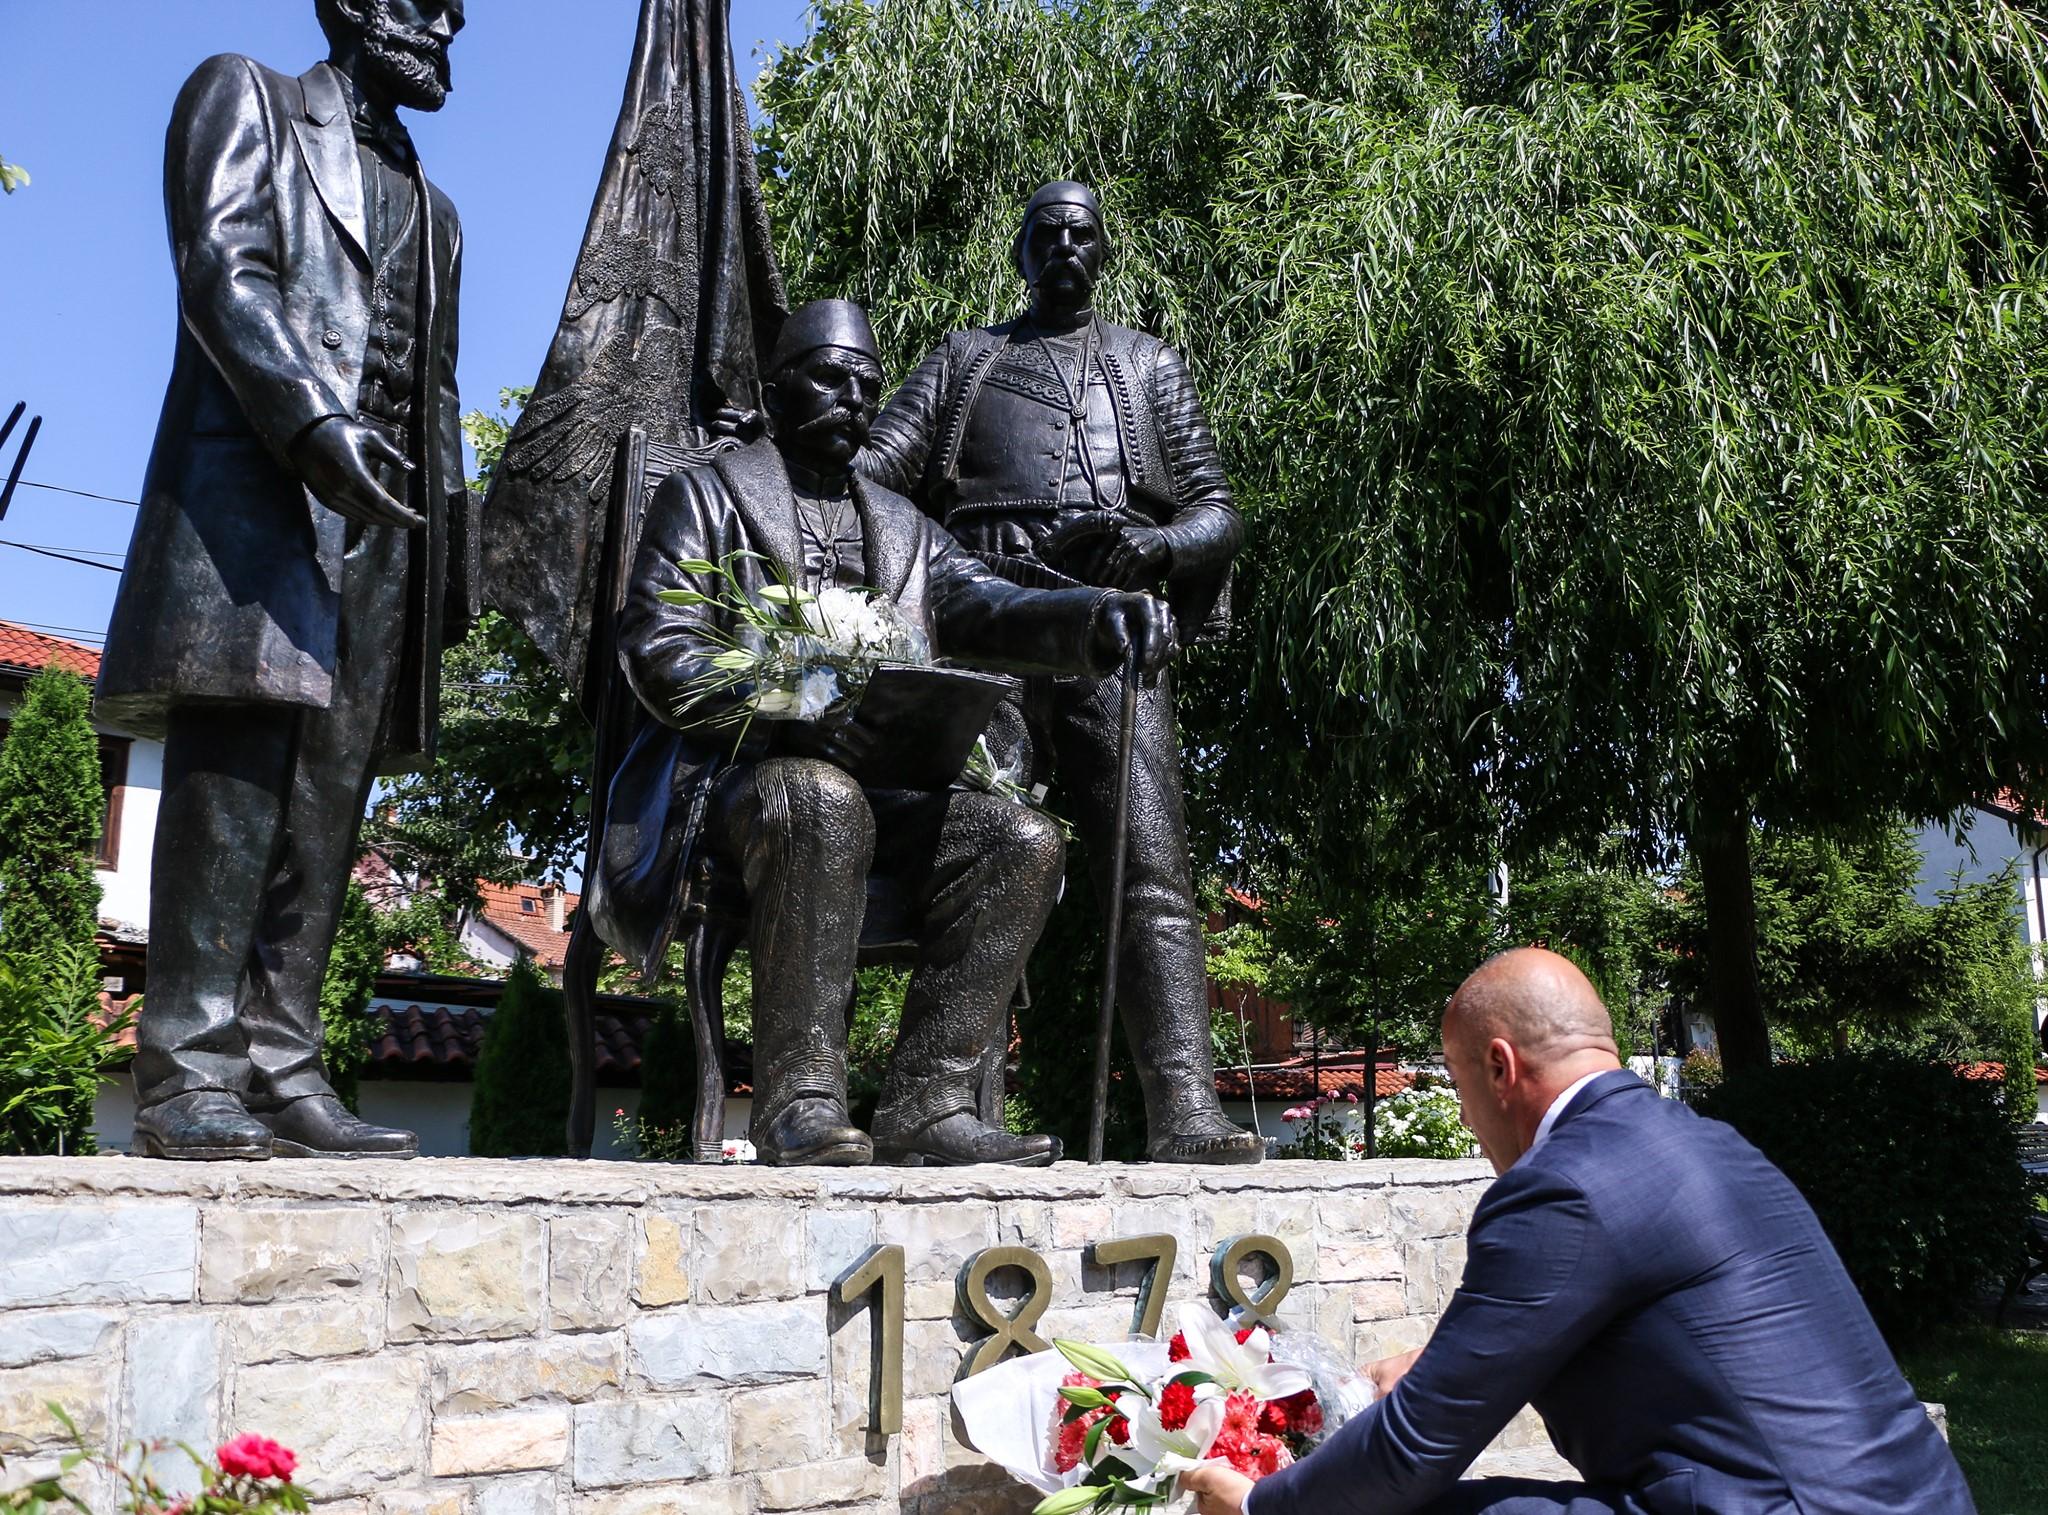 Haradinaj: Lidhja e Prizrenit lartësoi identitetin kombëtar, ngjarja më frymëzuese